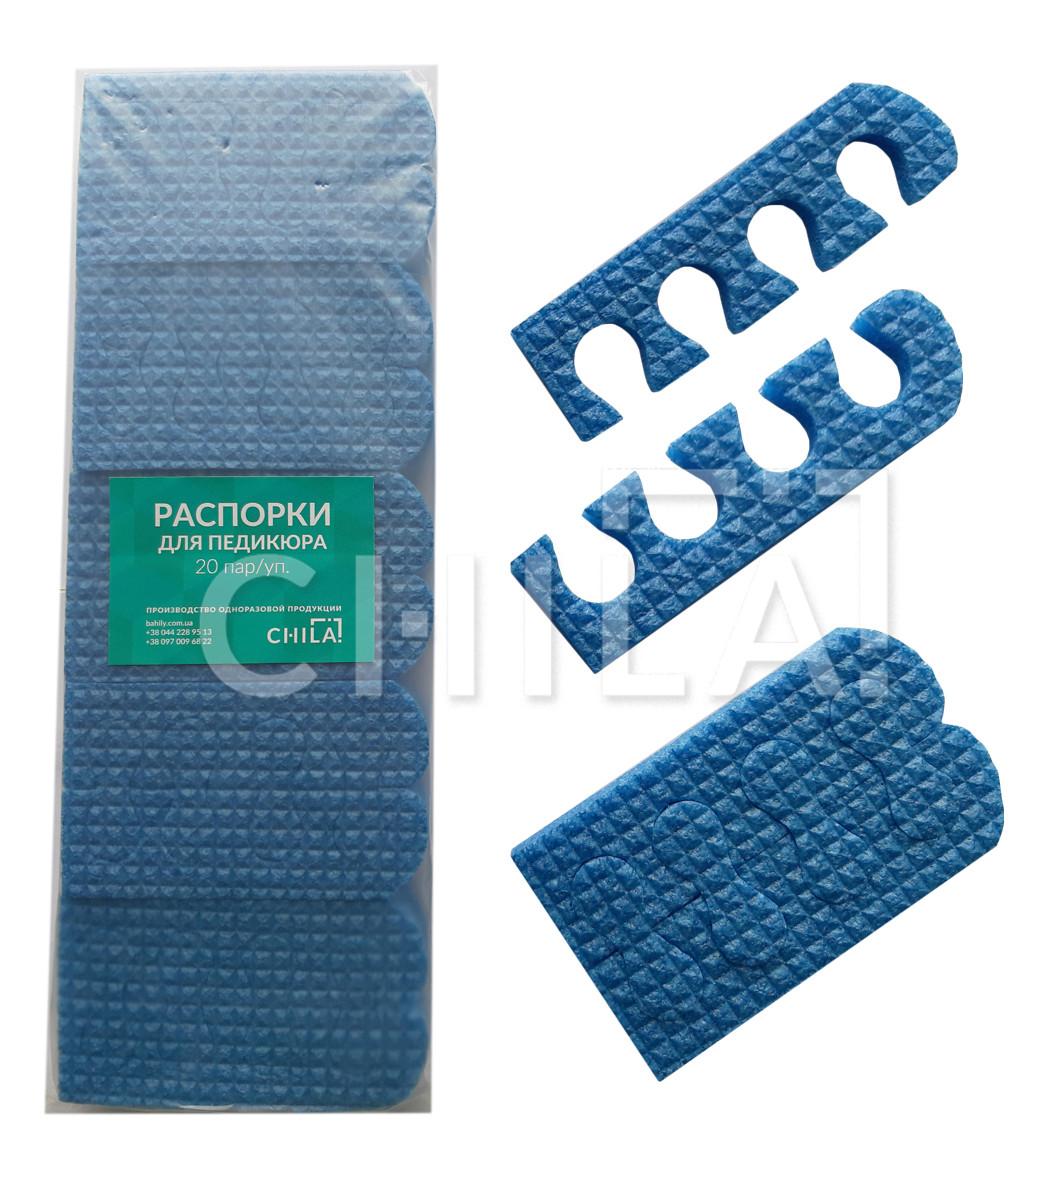 Распорки для педикюра (разделитель для пальцев) Синие